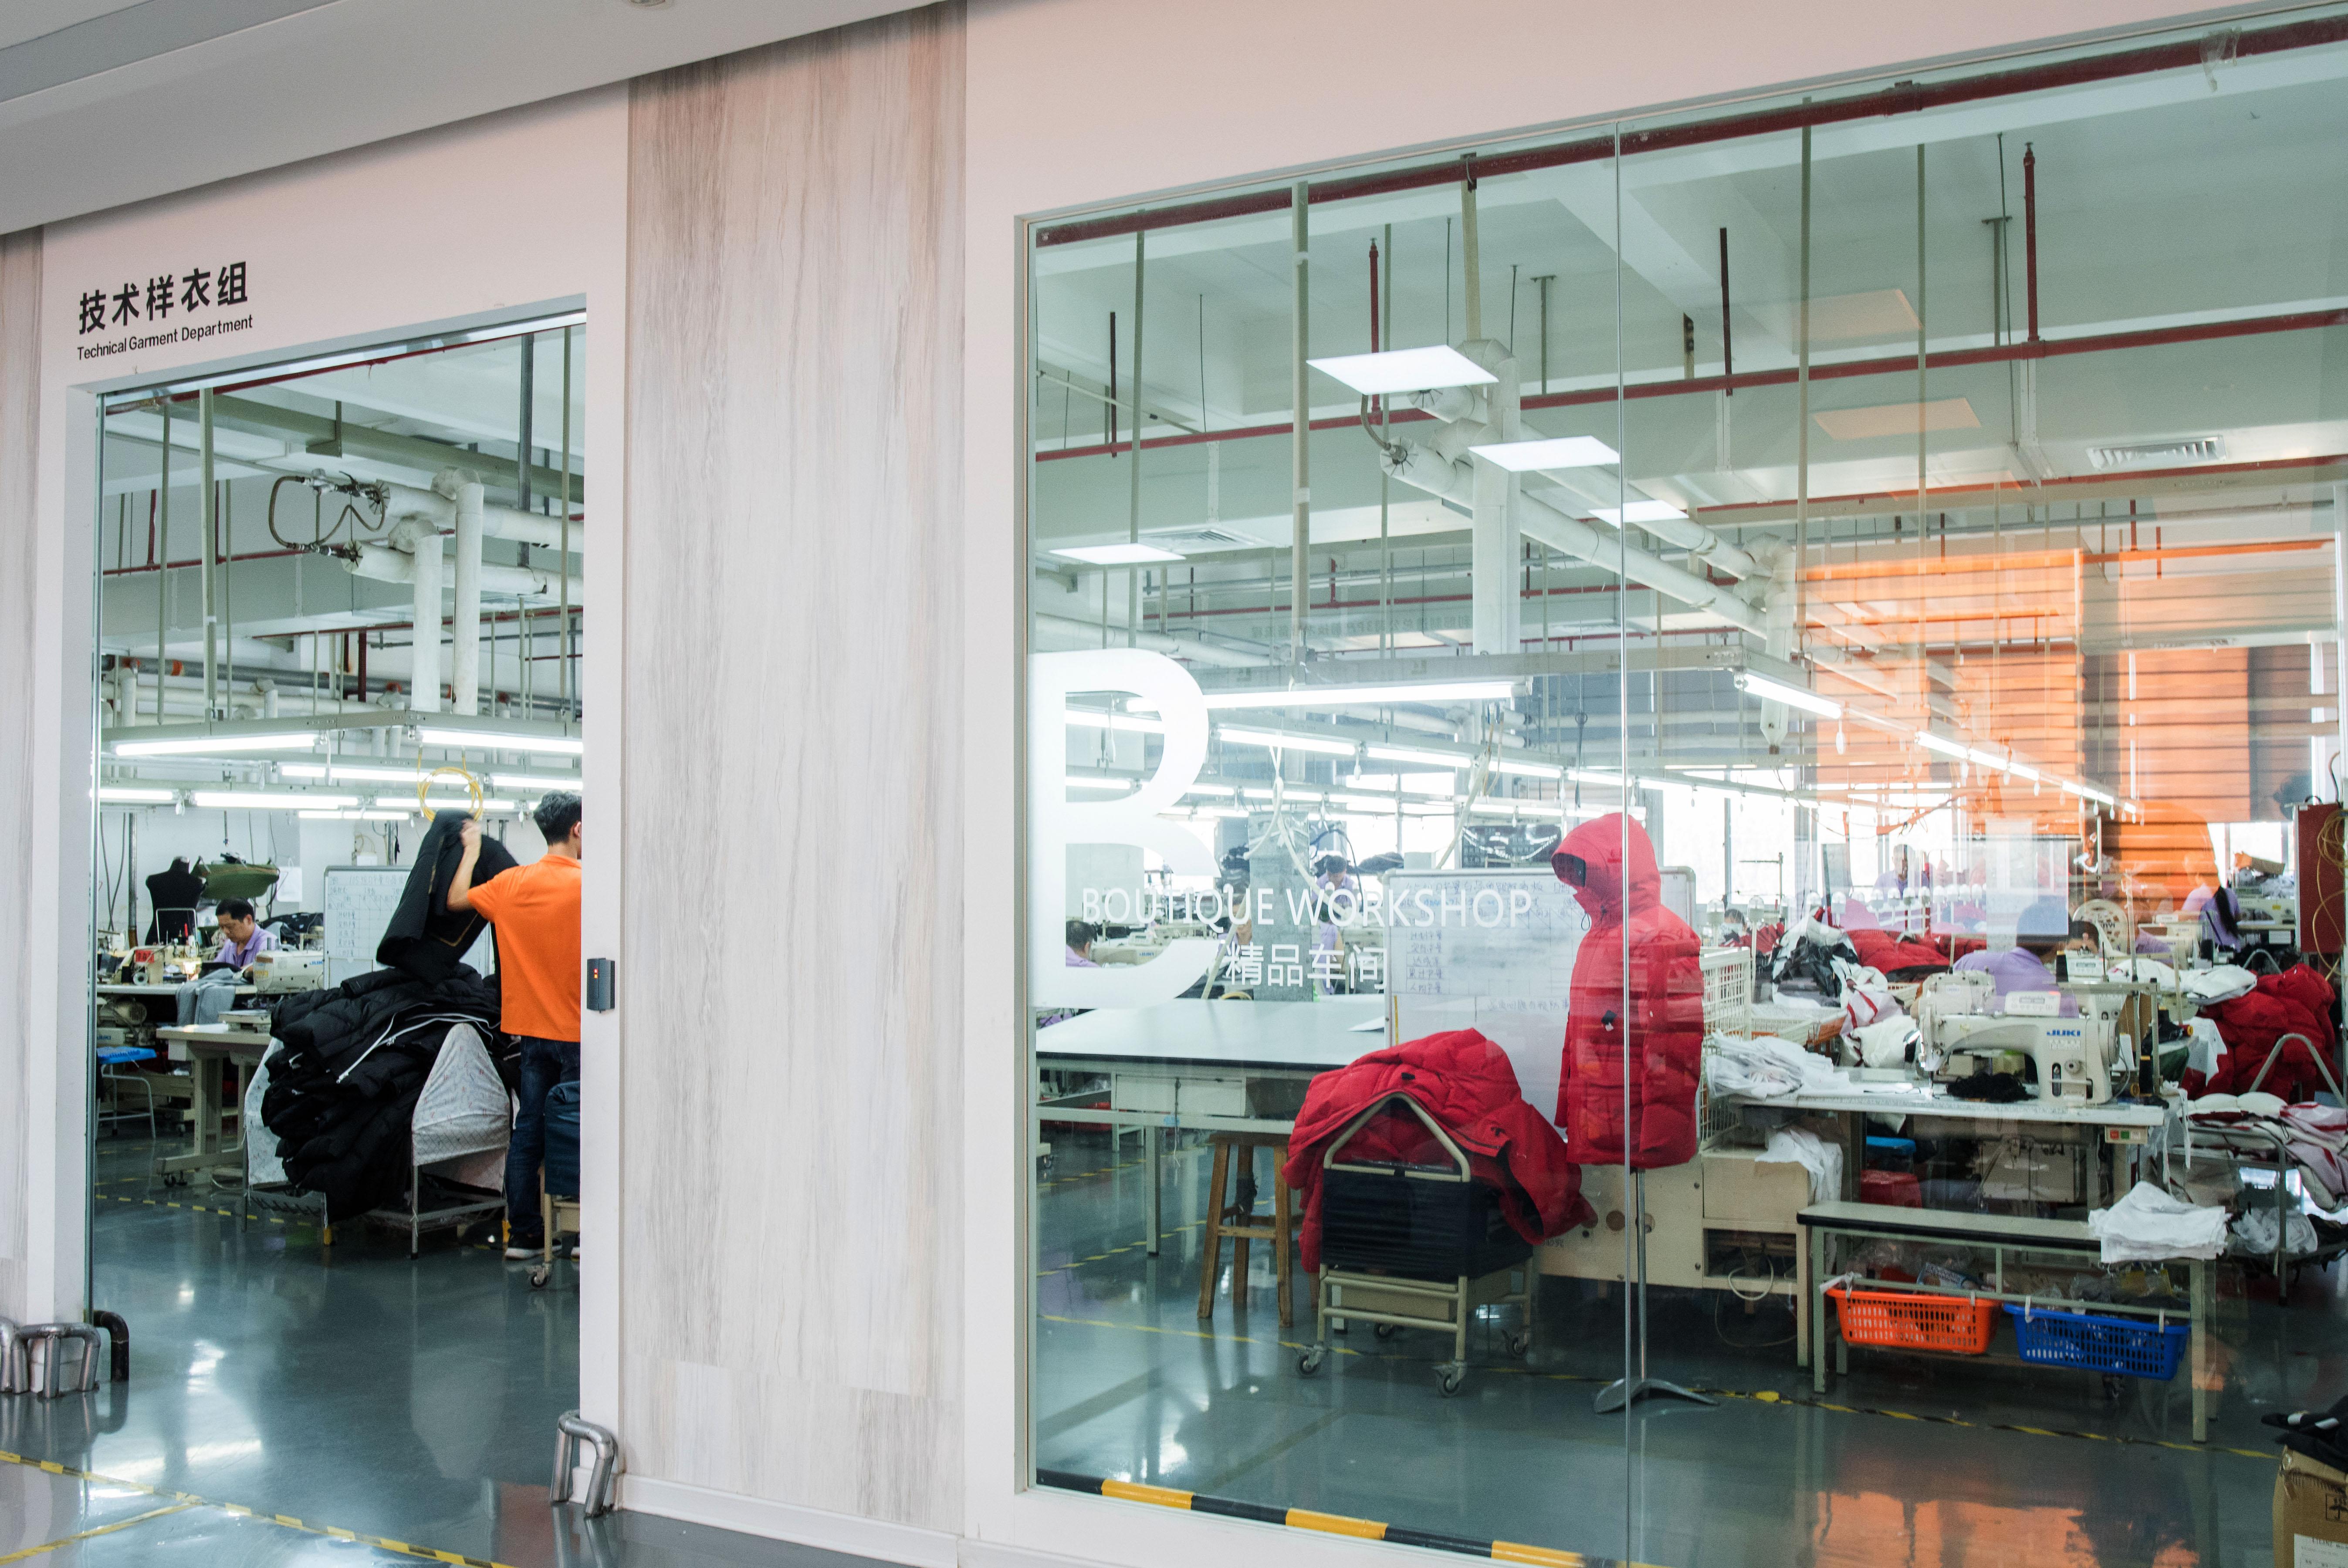 《华丽志》特写:一家中国著名男装品牌敞开了工厂的大门,我们都看到了什么?